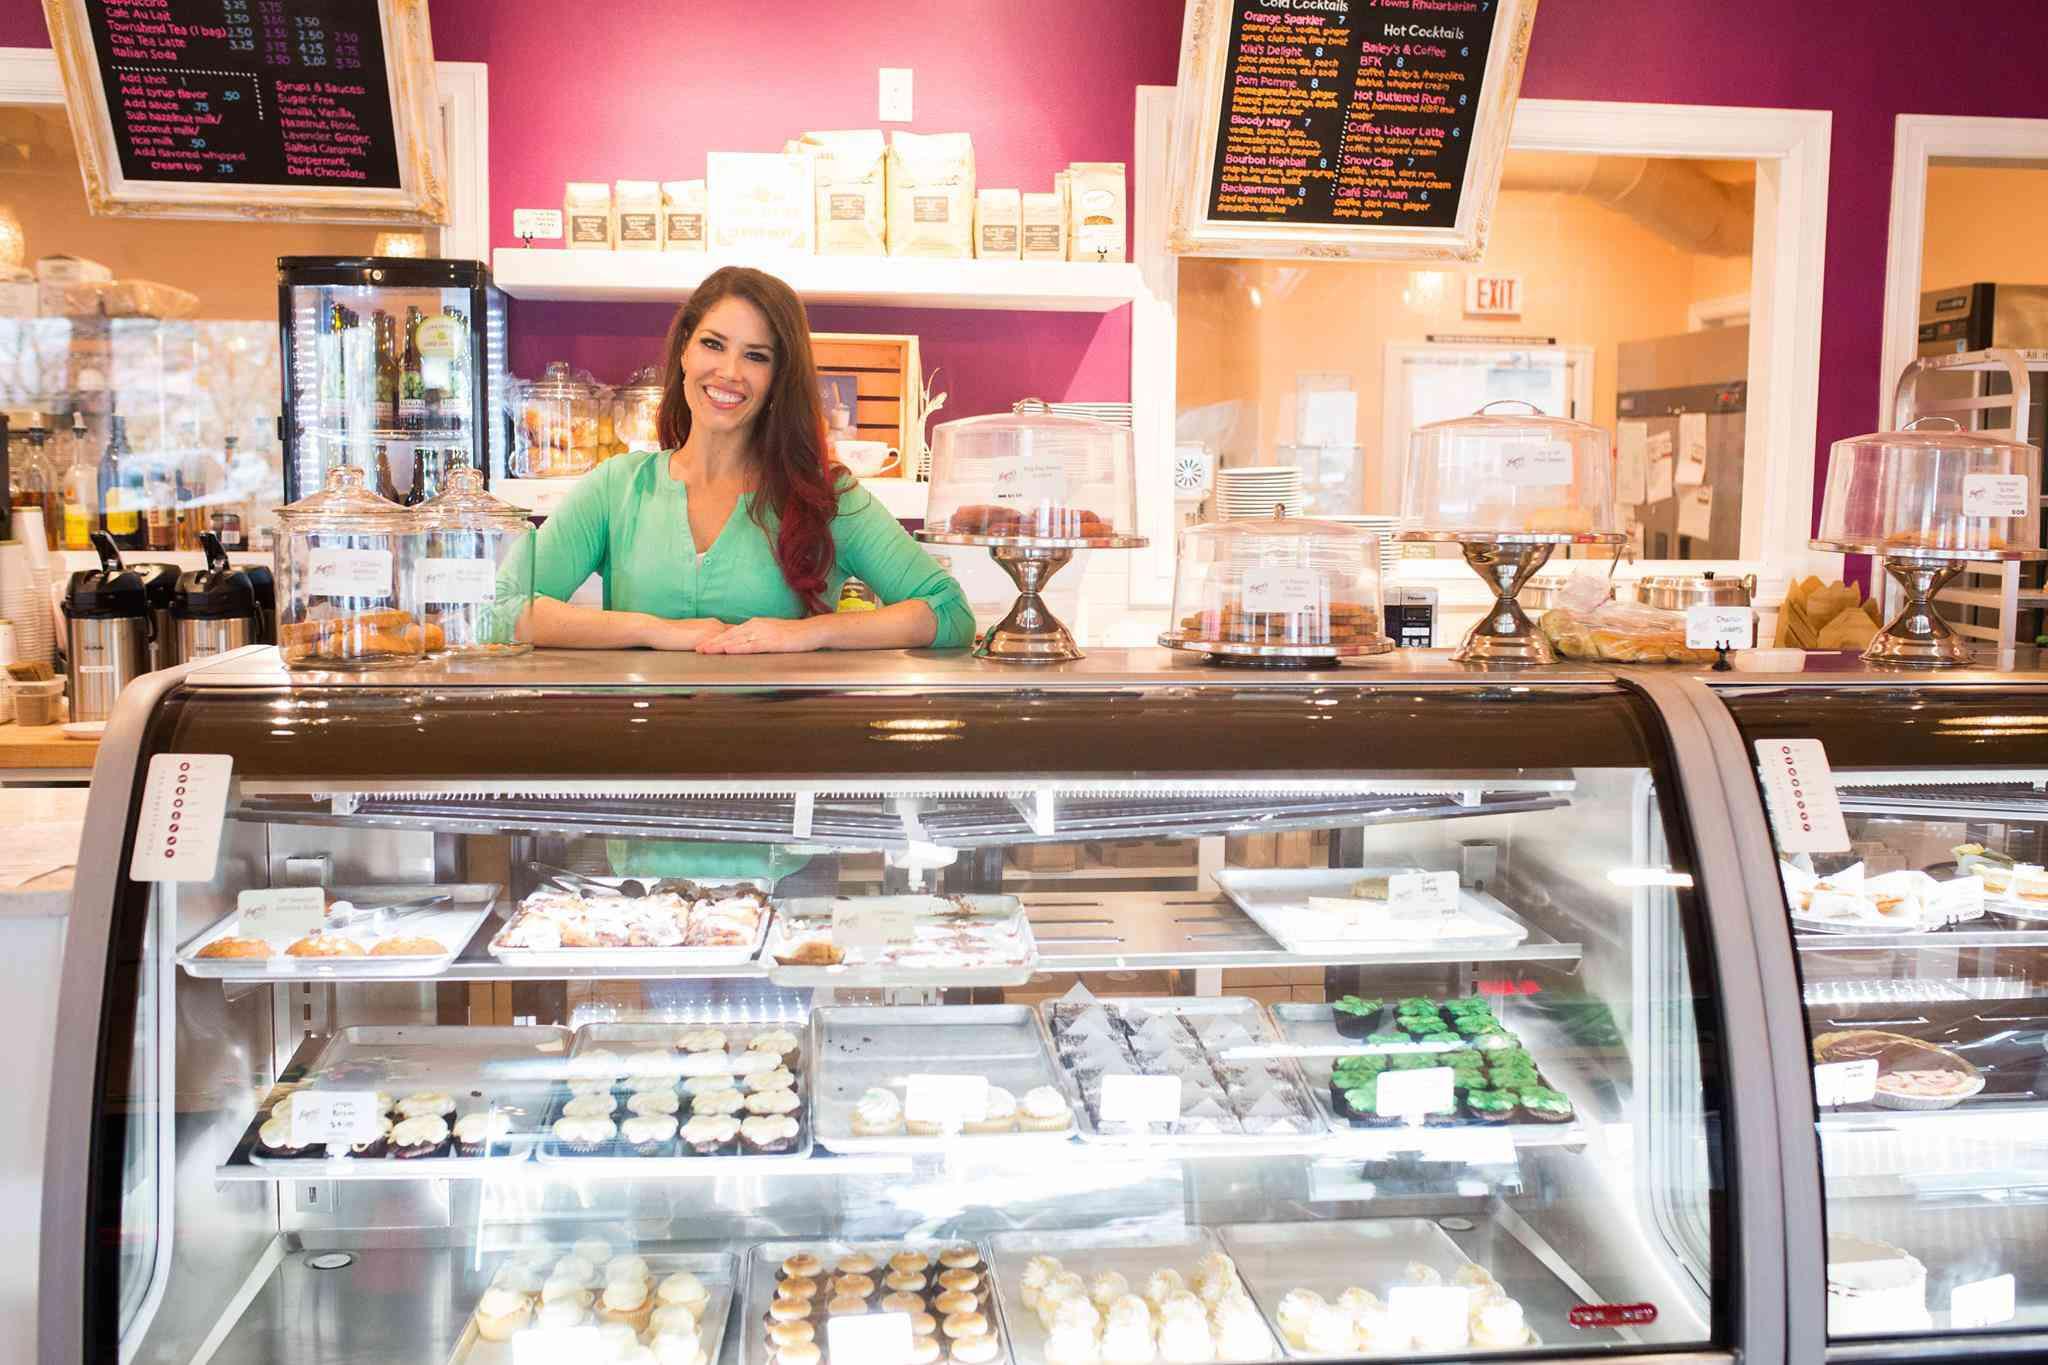 Kyra's Bake Shop